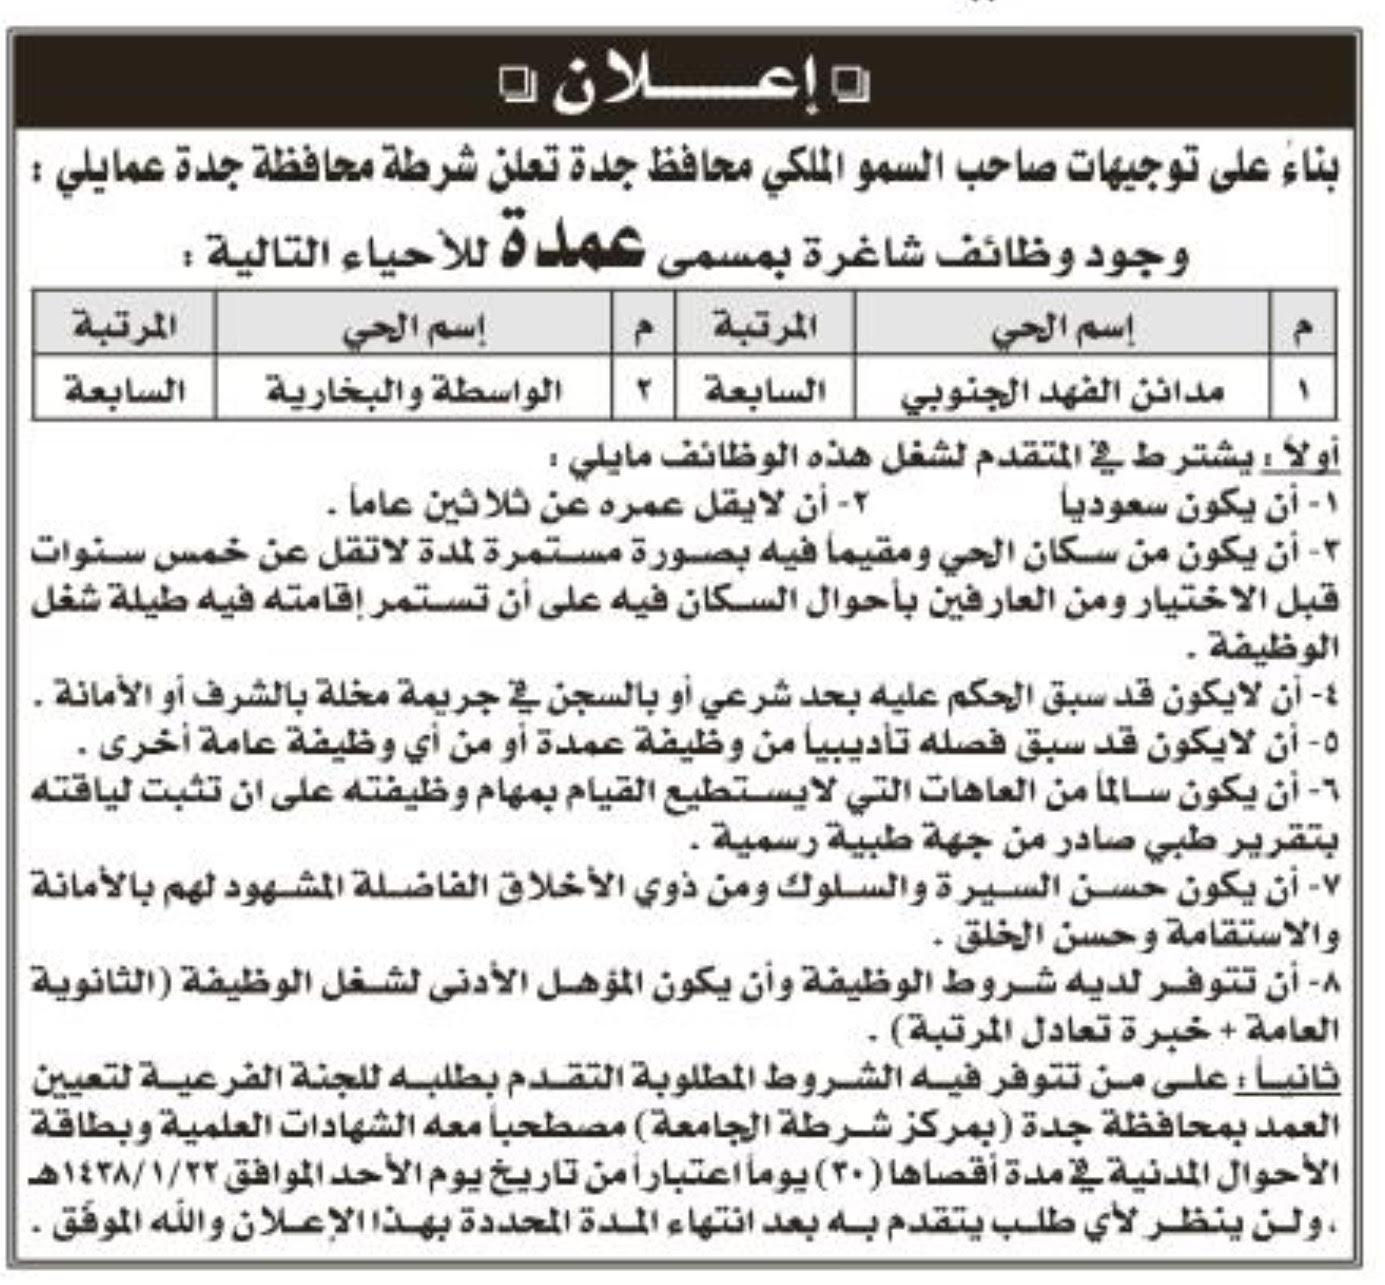 وظائف عمدة في شرطة محافظة جدة